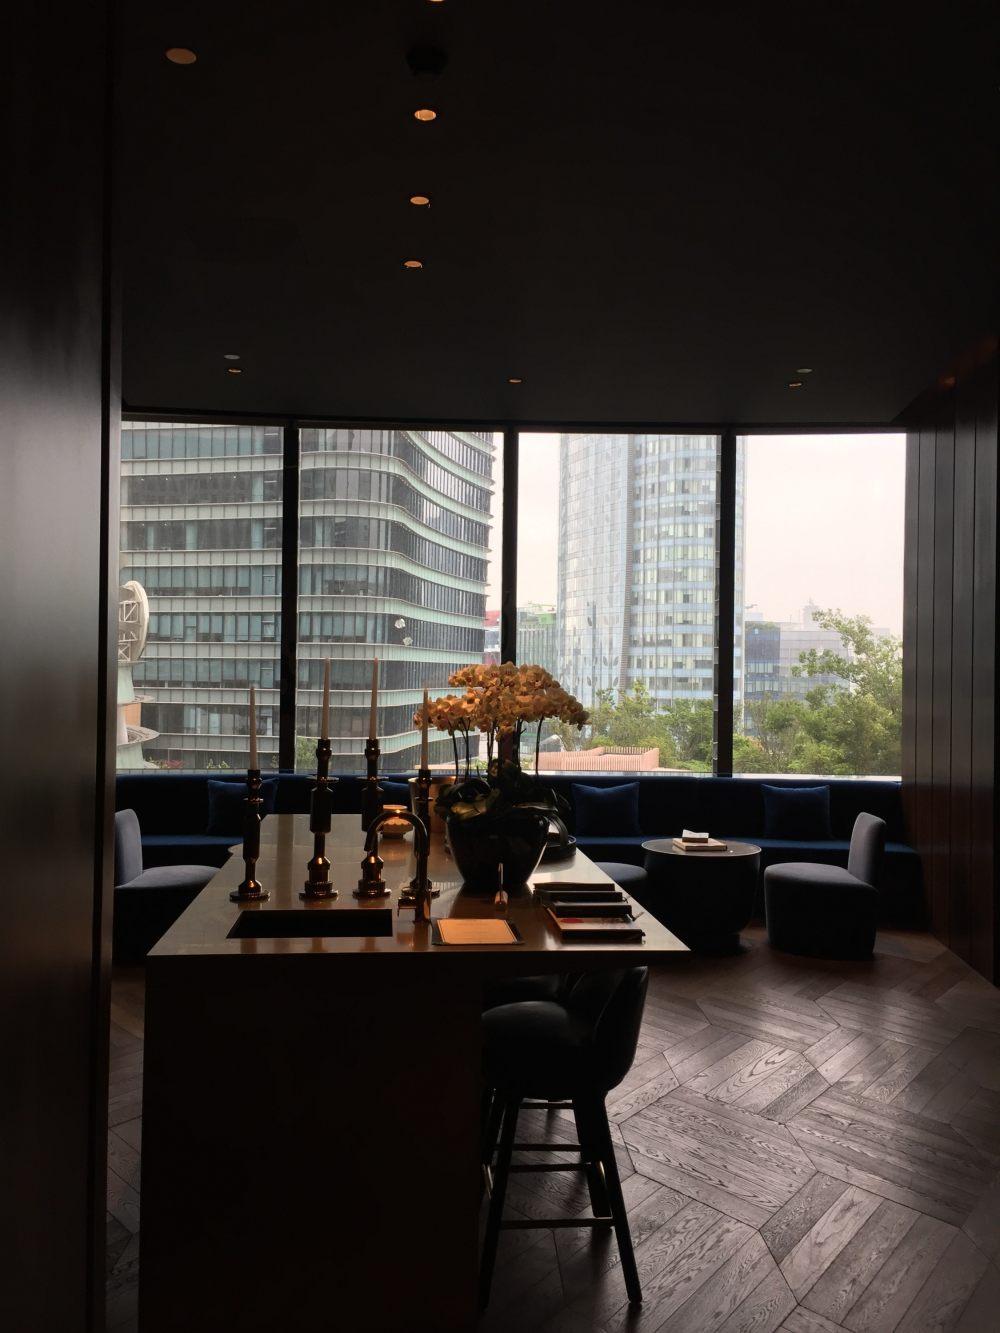 上海外滩W酒店,史上最全入住体验 自拍分享,申请置...._IMG_6336.JPG